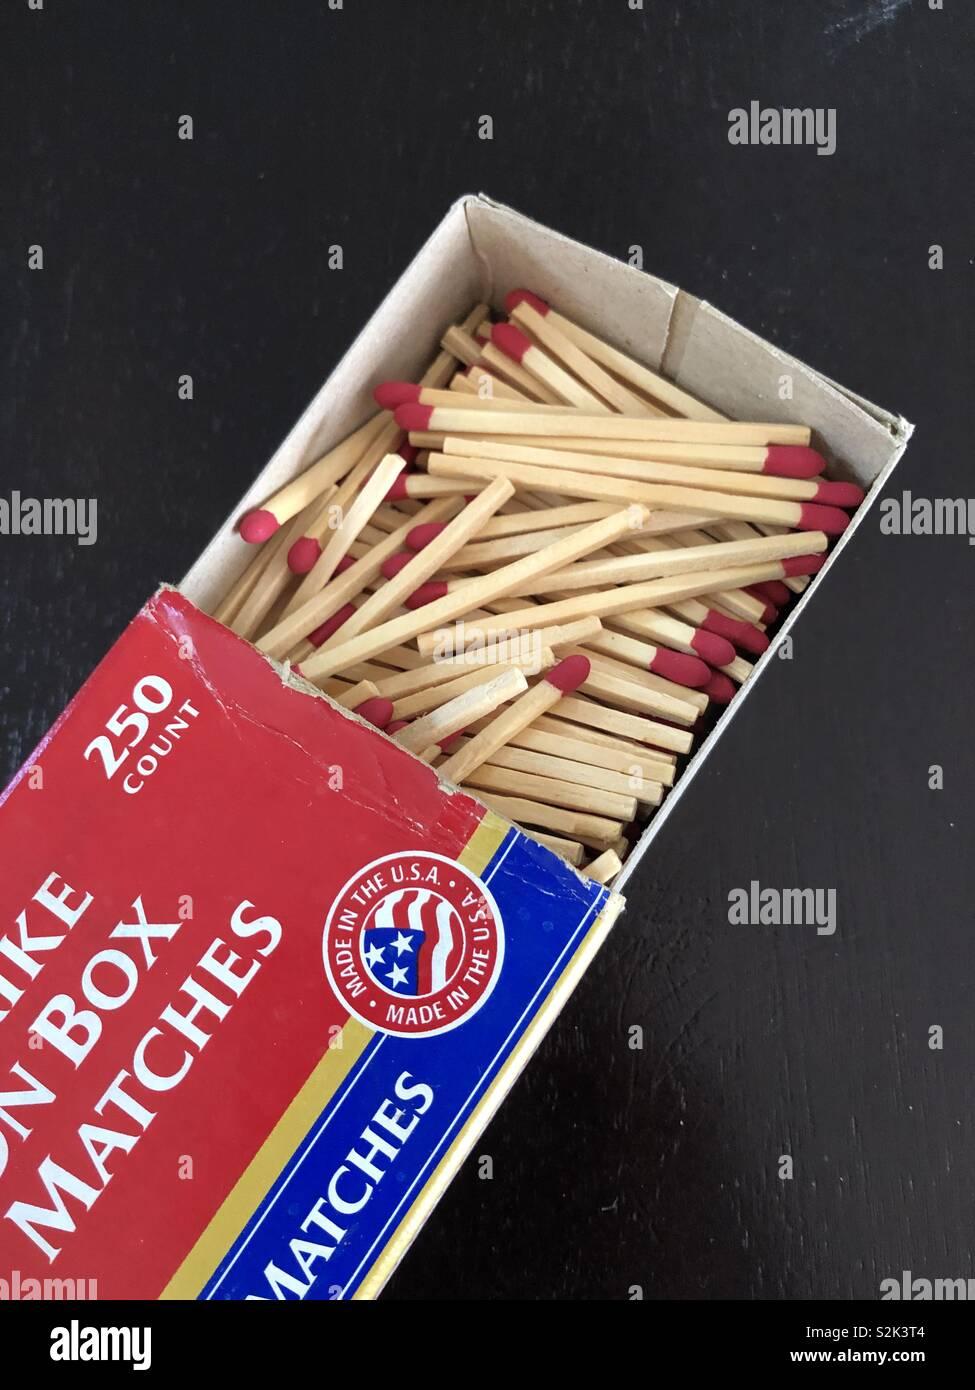 Box of match sticks - Stock Image